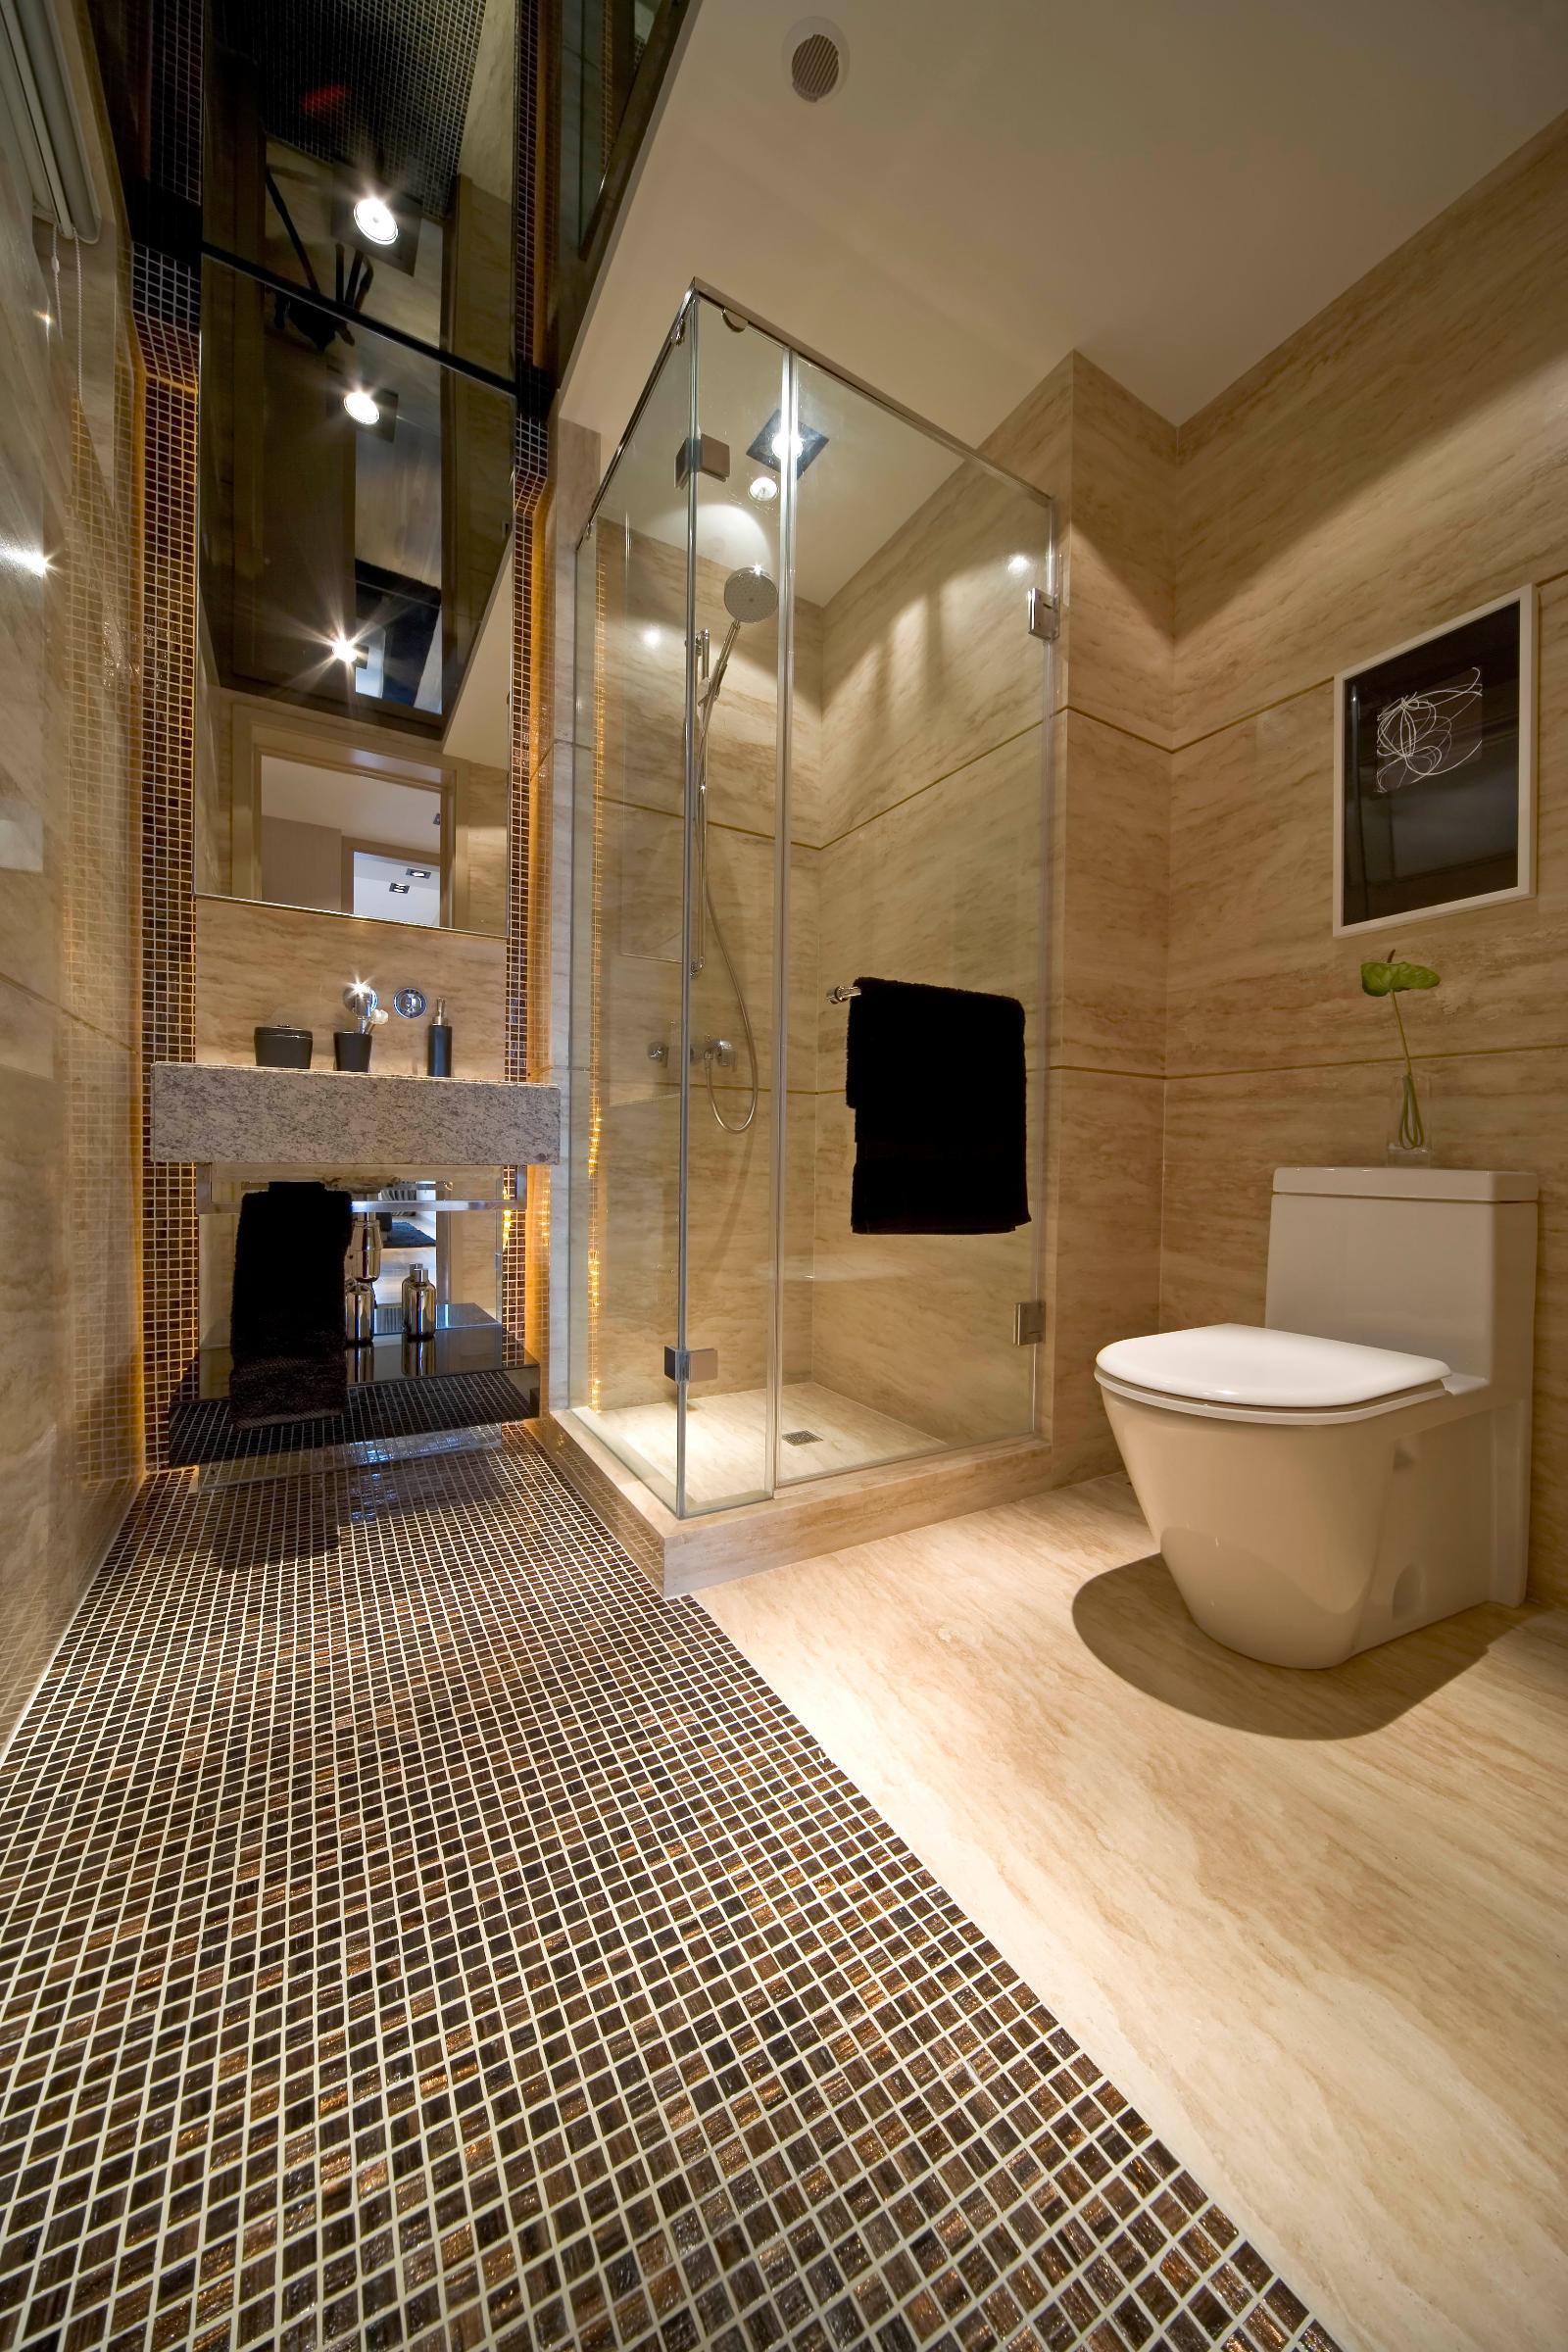 卫生间设计效果图 卫生间手绘效果图 洗手间装修效果图